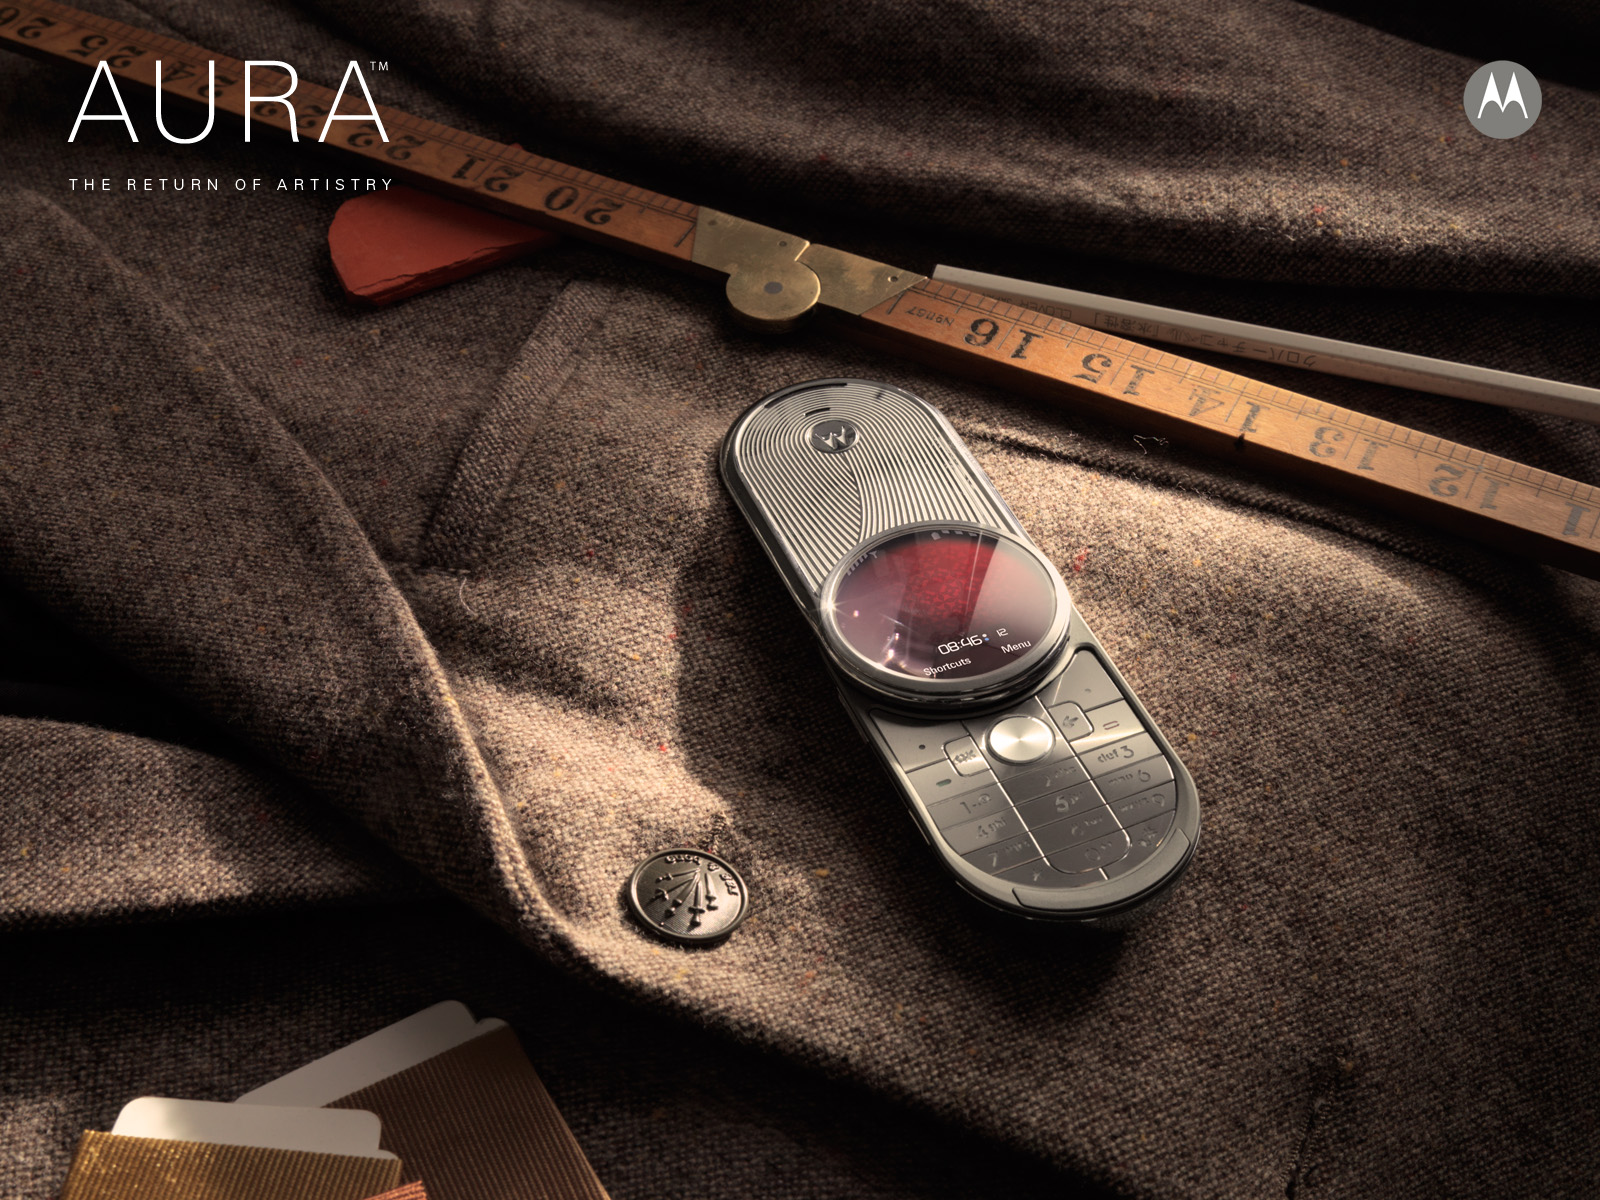 moto_aura_1600x1200_2